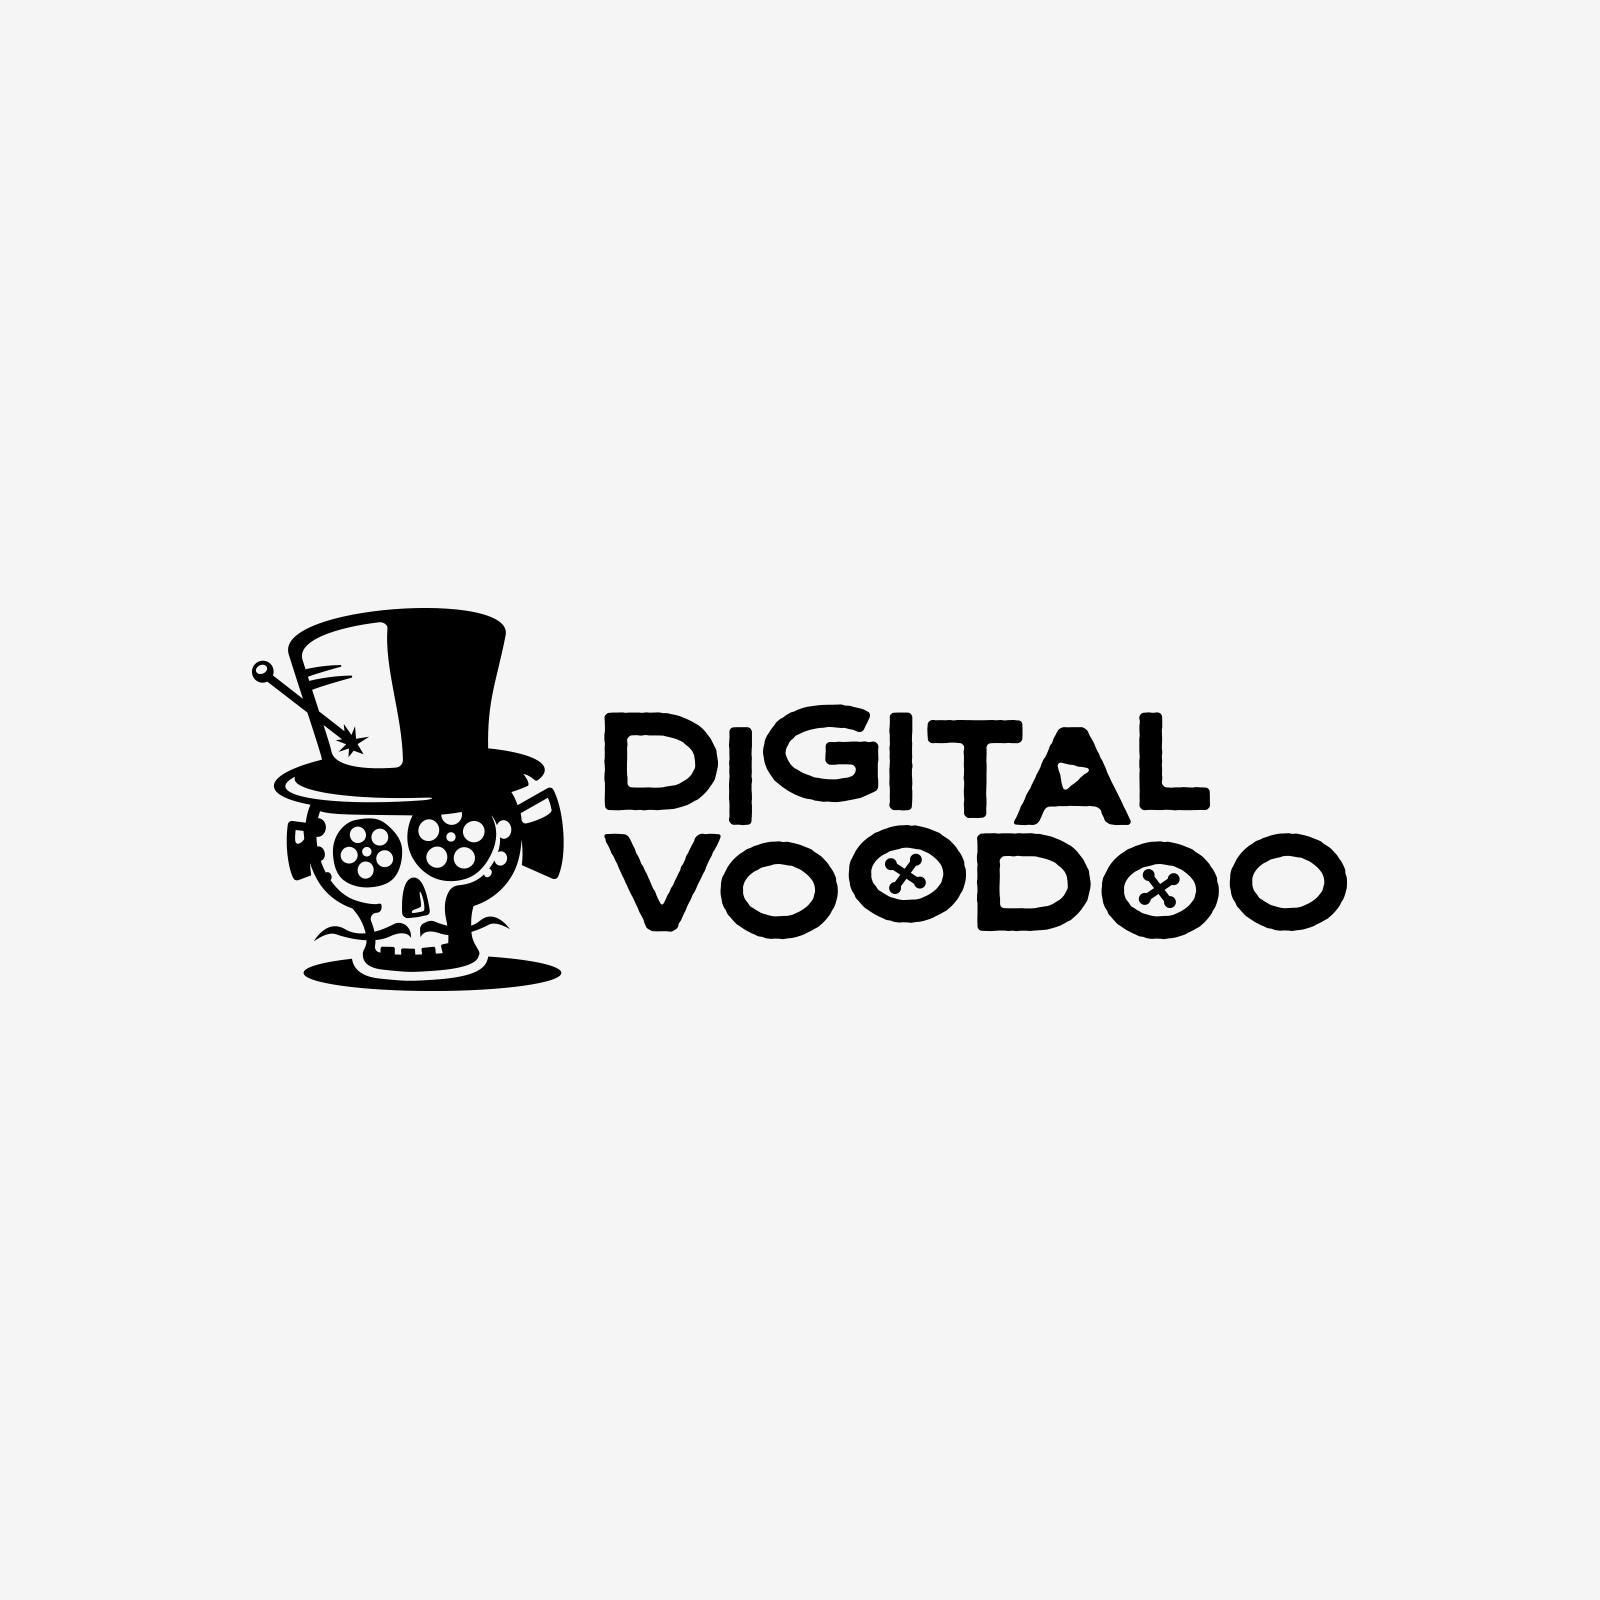 eximdesign_digitalvoodoo_1.png